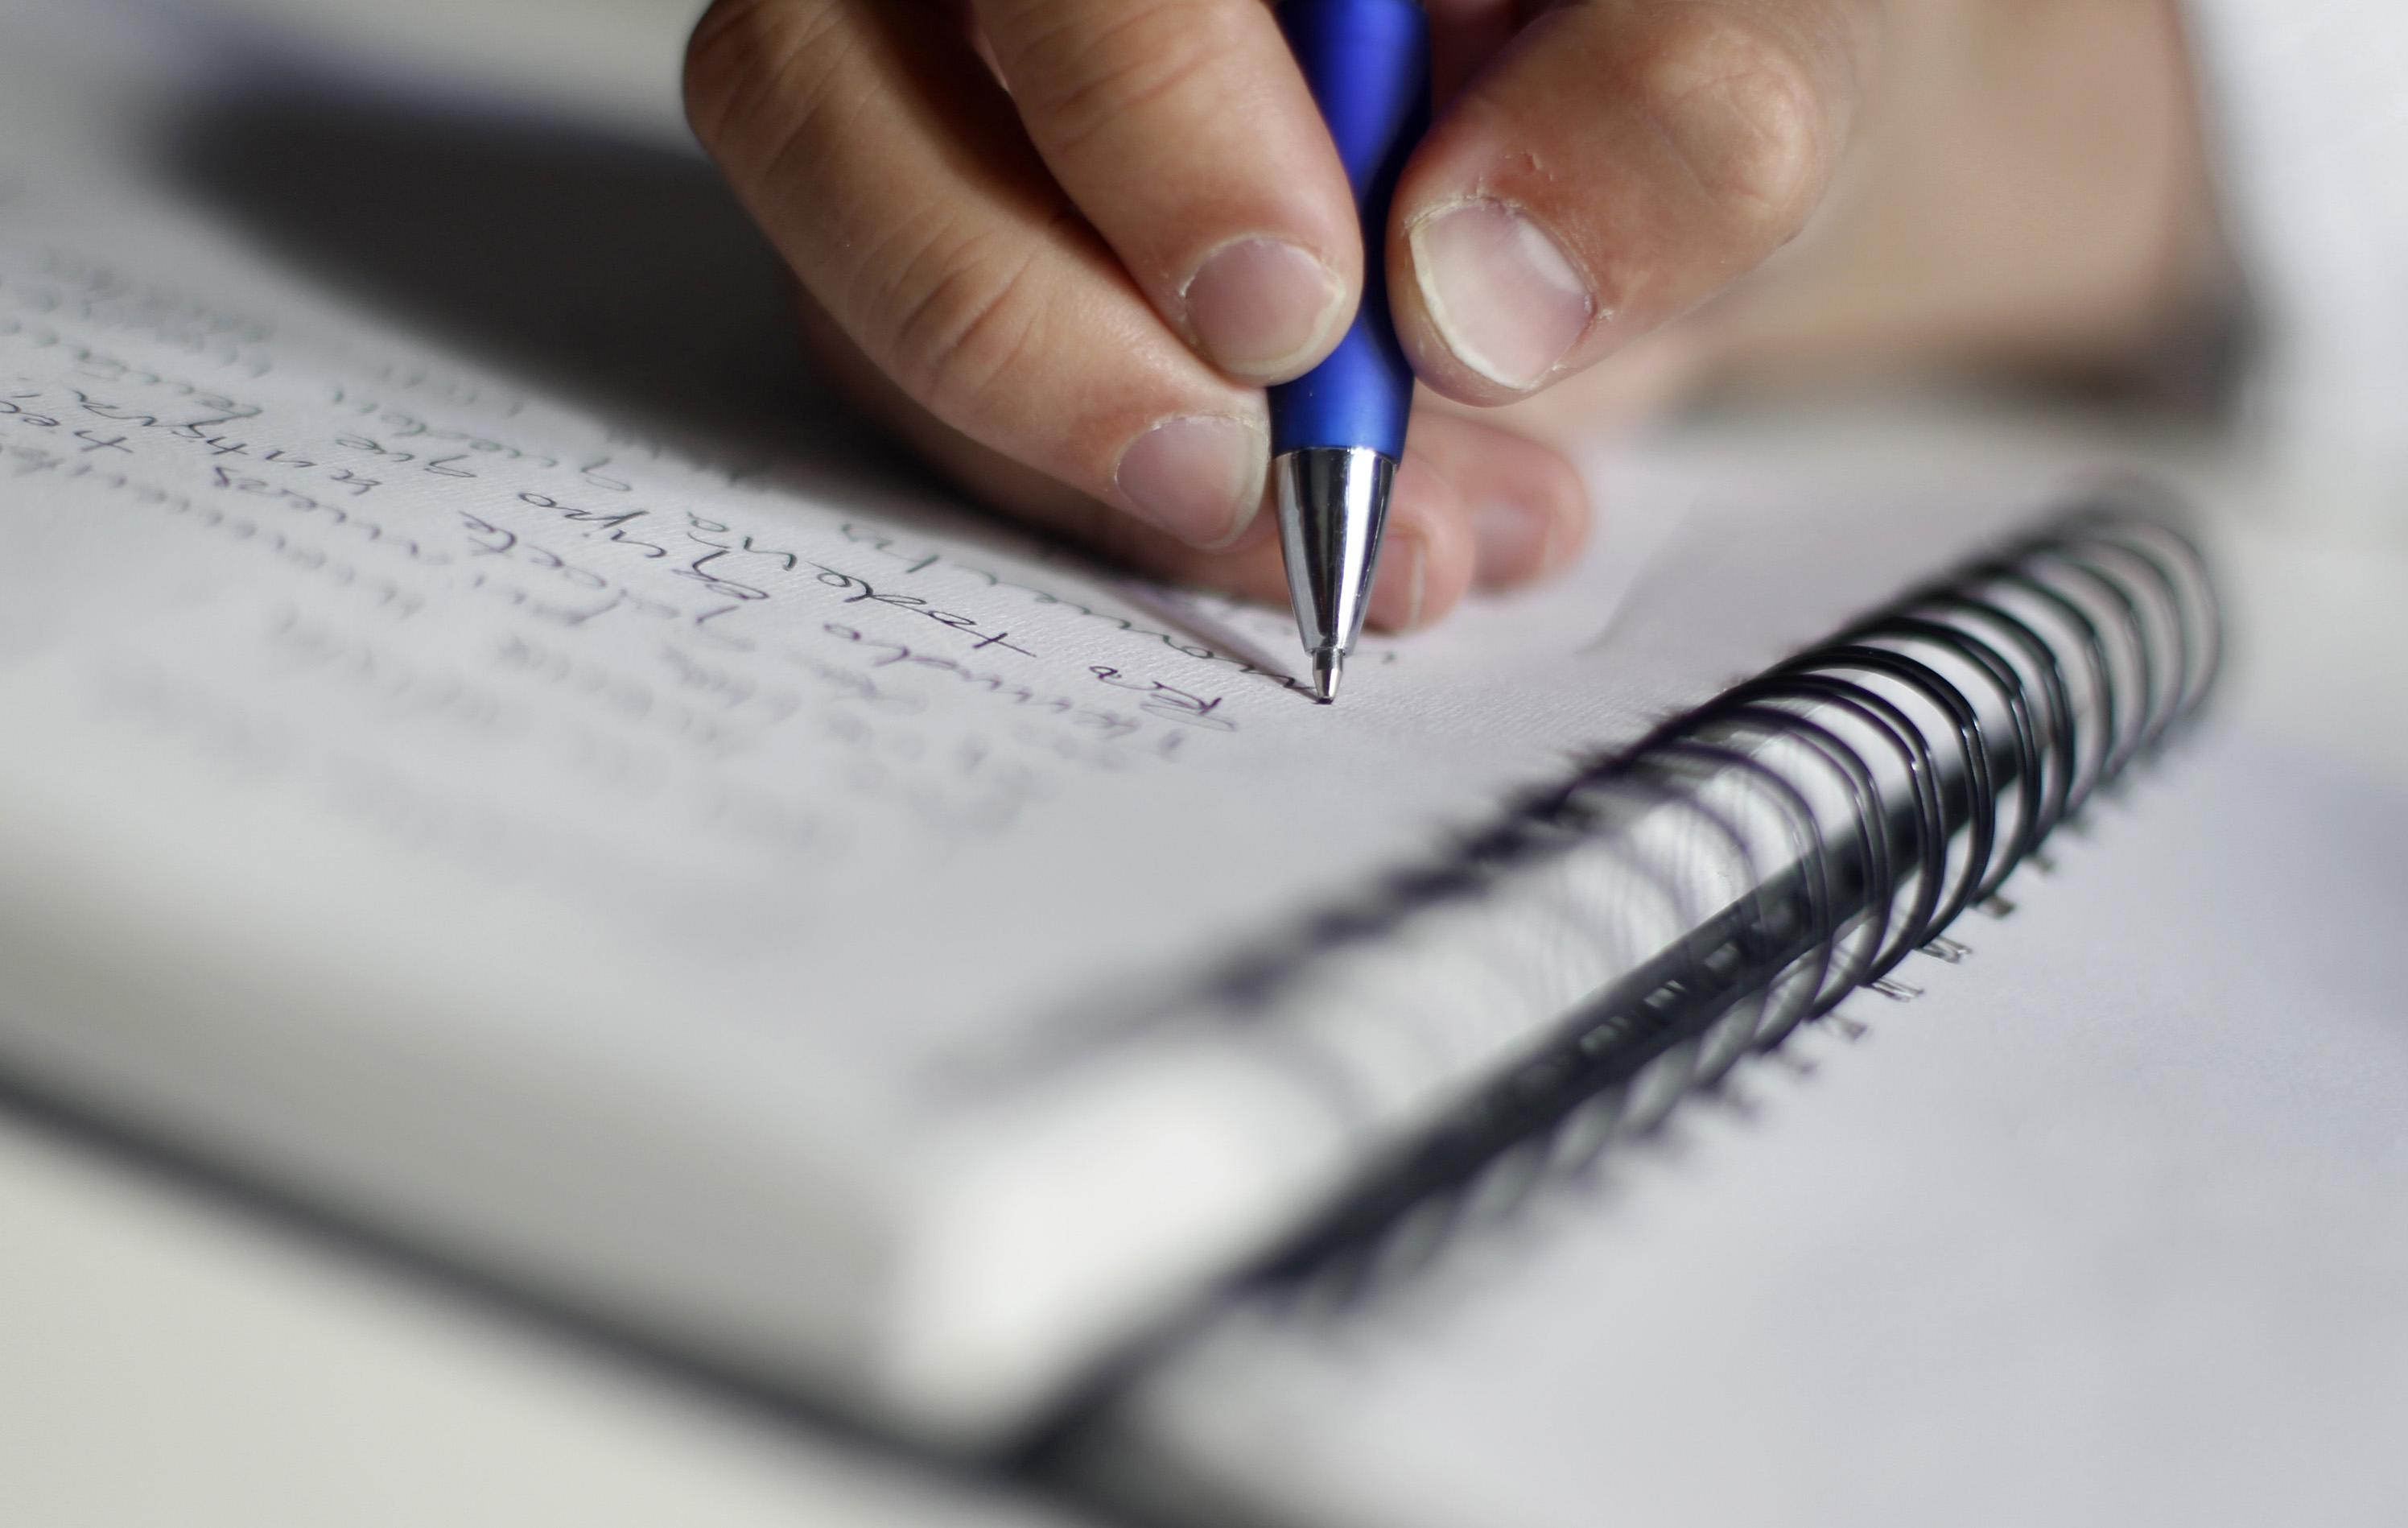 Un concejo suyo para escribir algunos estudios – Ahmed AlHasan